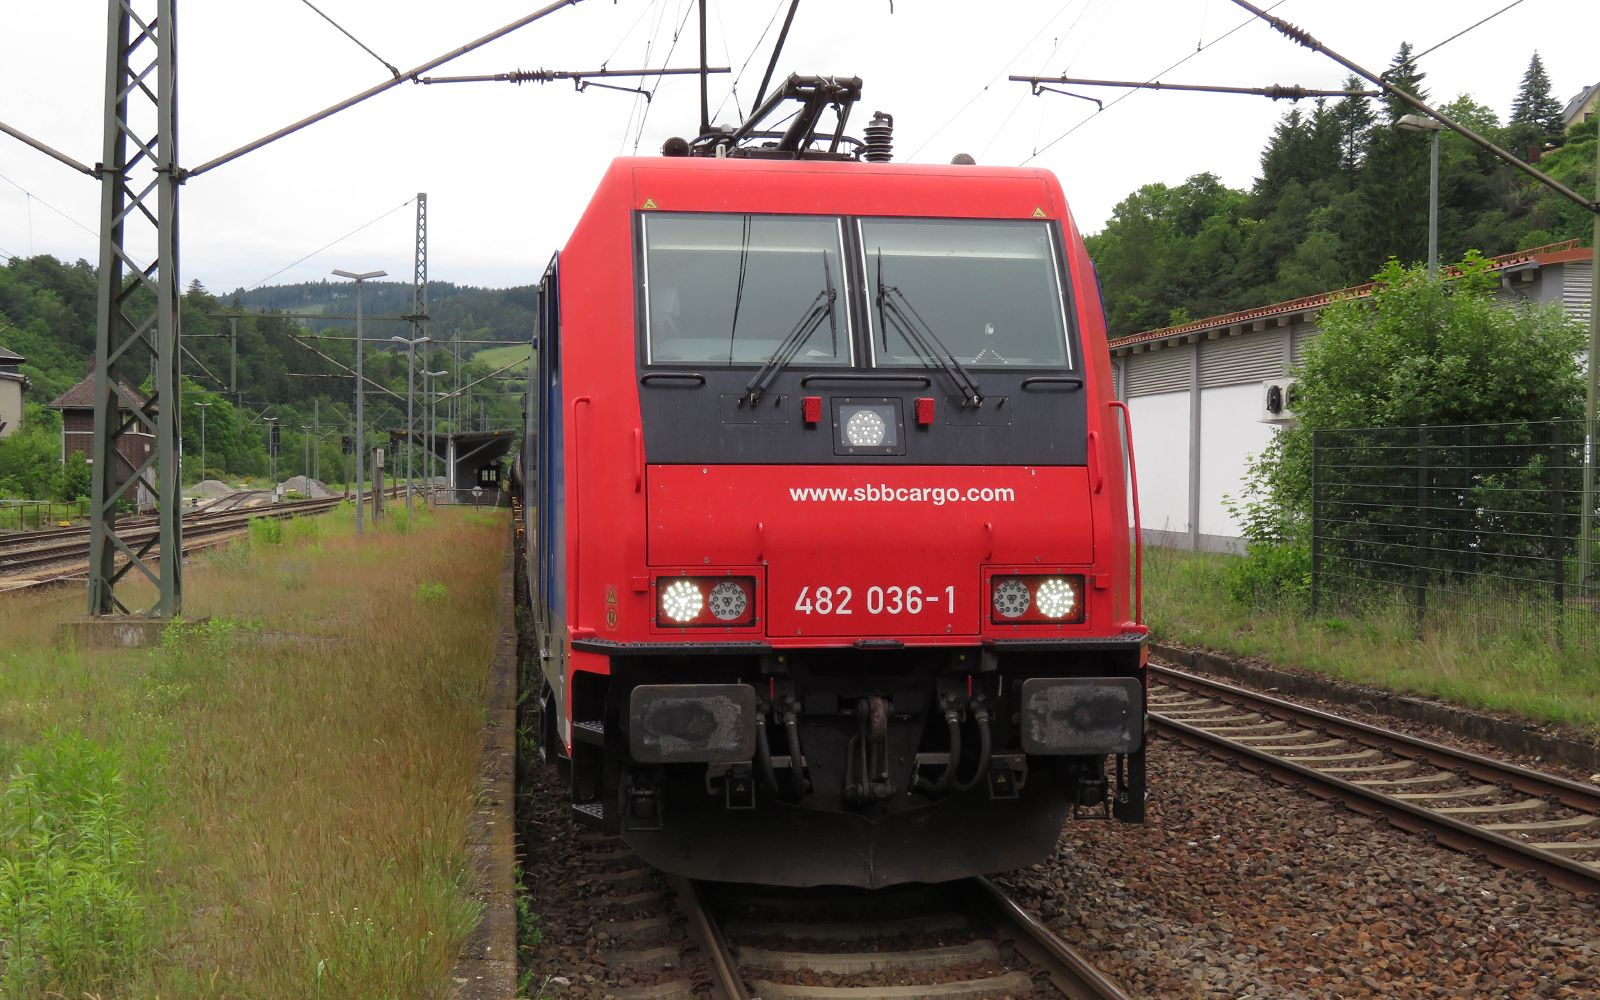 ©Foto: Denis Herwig | railmen | Lokführer im Dienst für InfraLeuna Gütertransporte | Warten auf die Schiebelok in Probstzella | Baureihe 482